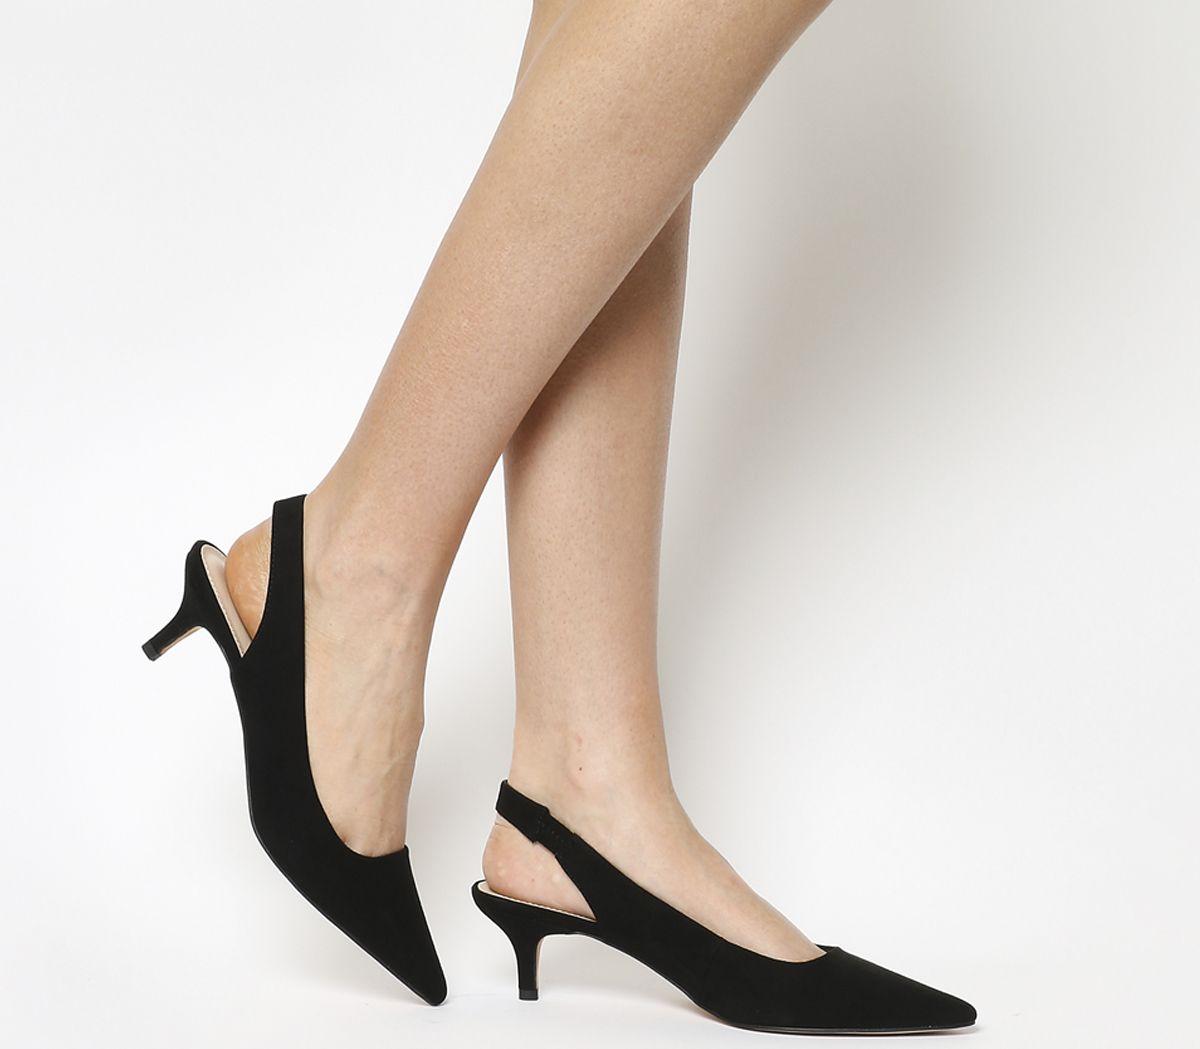 d4689acf86e Office Make It Slingback Kitten Heels Black - Mid Heels